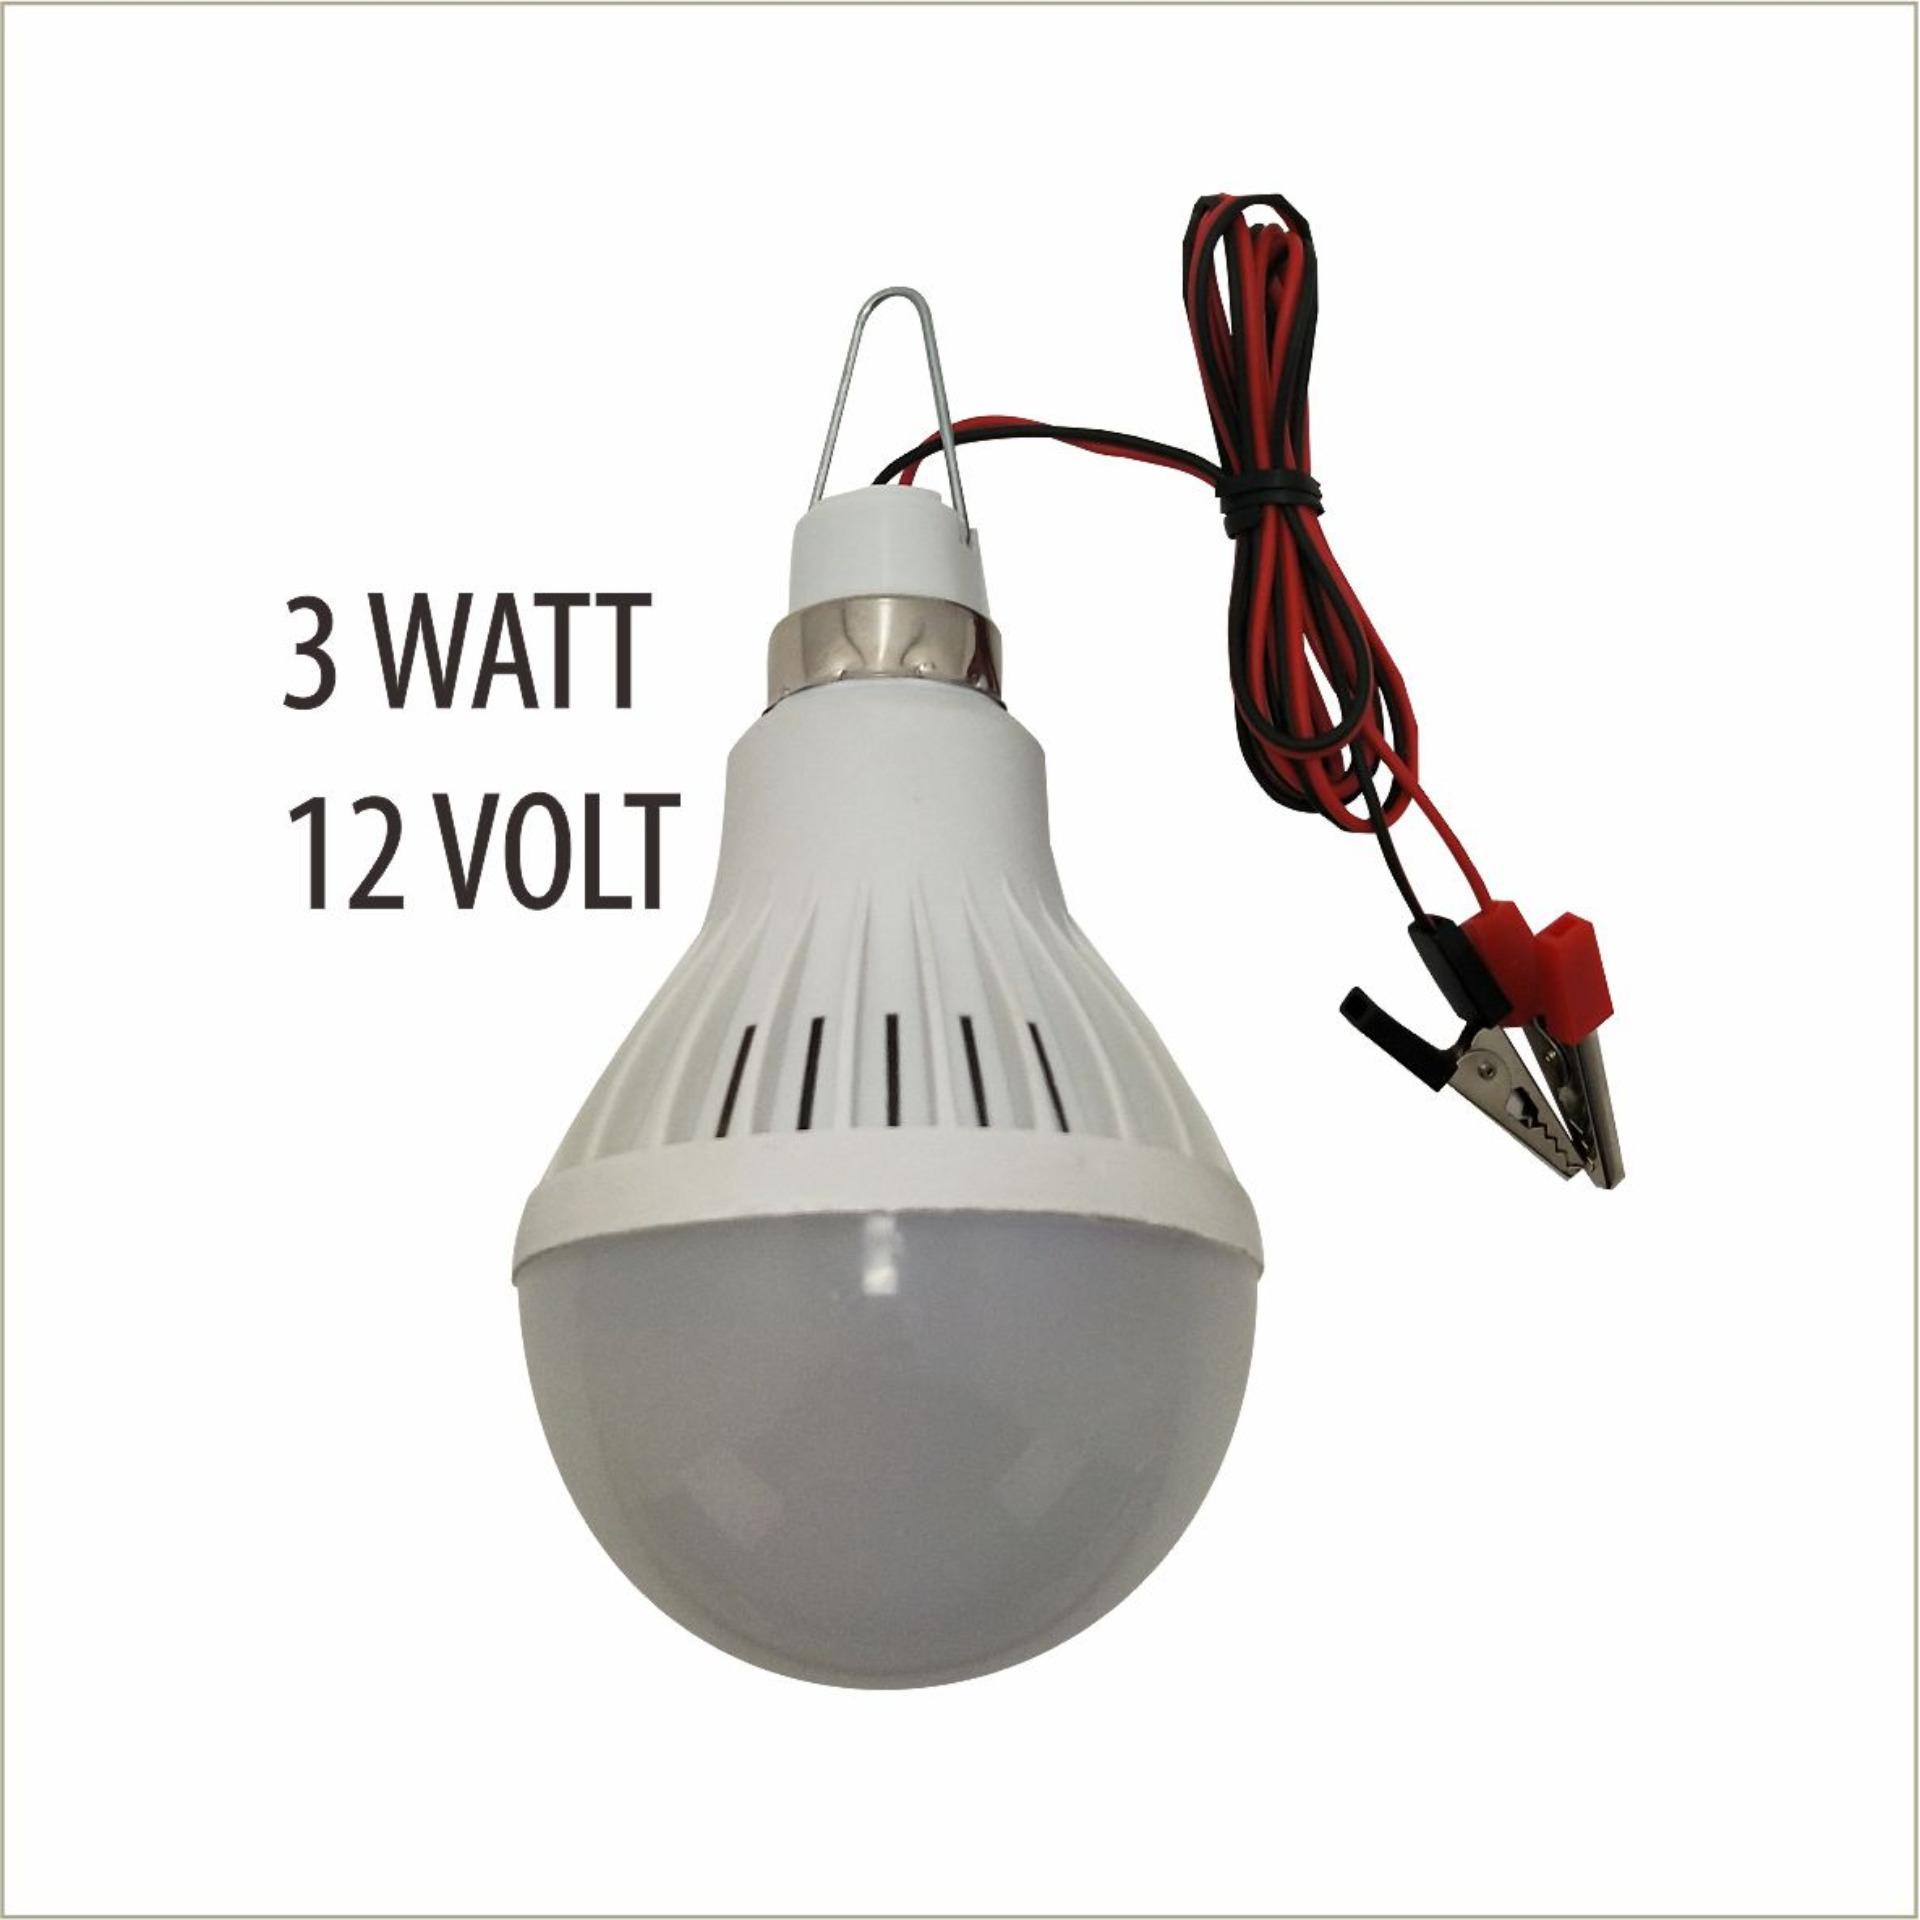 WEITECH LED BOHLAM EMERGENCY GX-L061 3W 12V